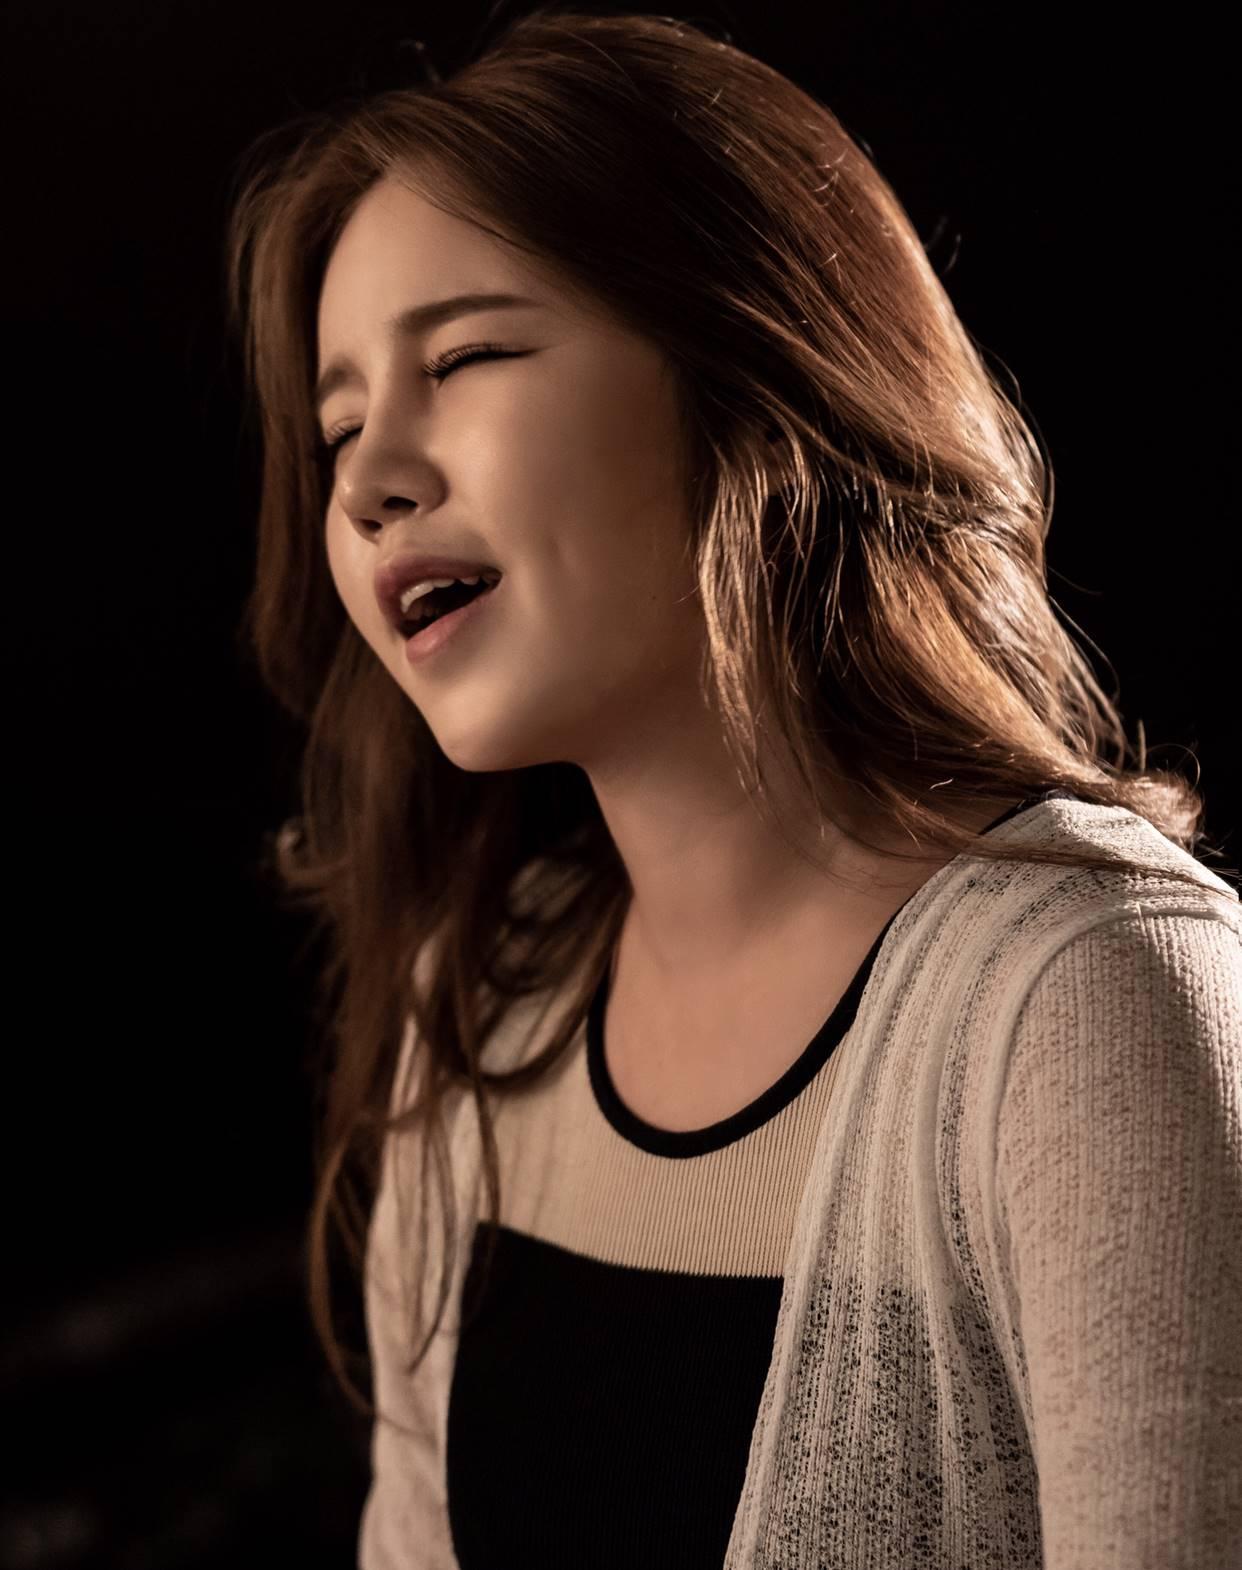 '비밀과 거짓말' 두번째 OST, '슈스케 4' 출신 가수 다언 참여